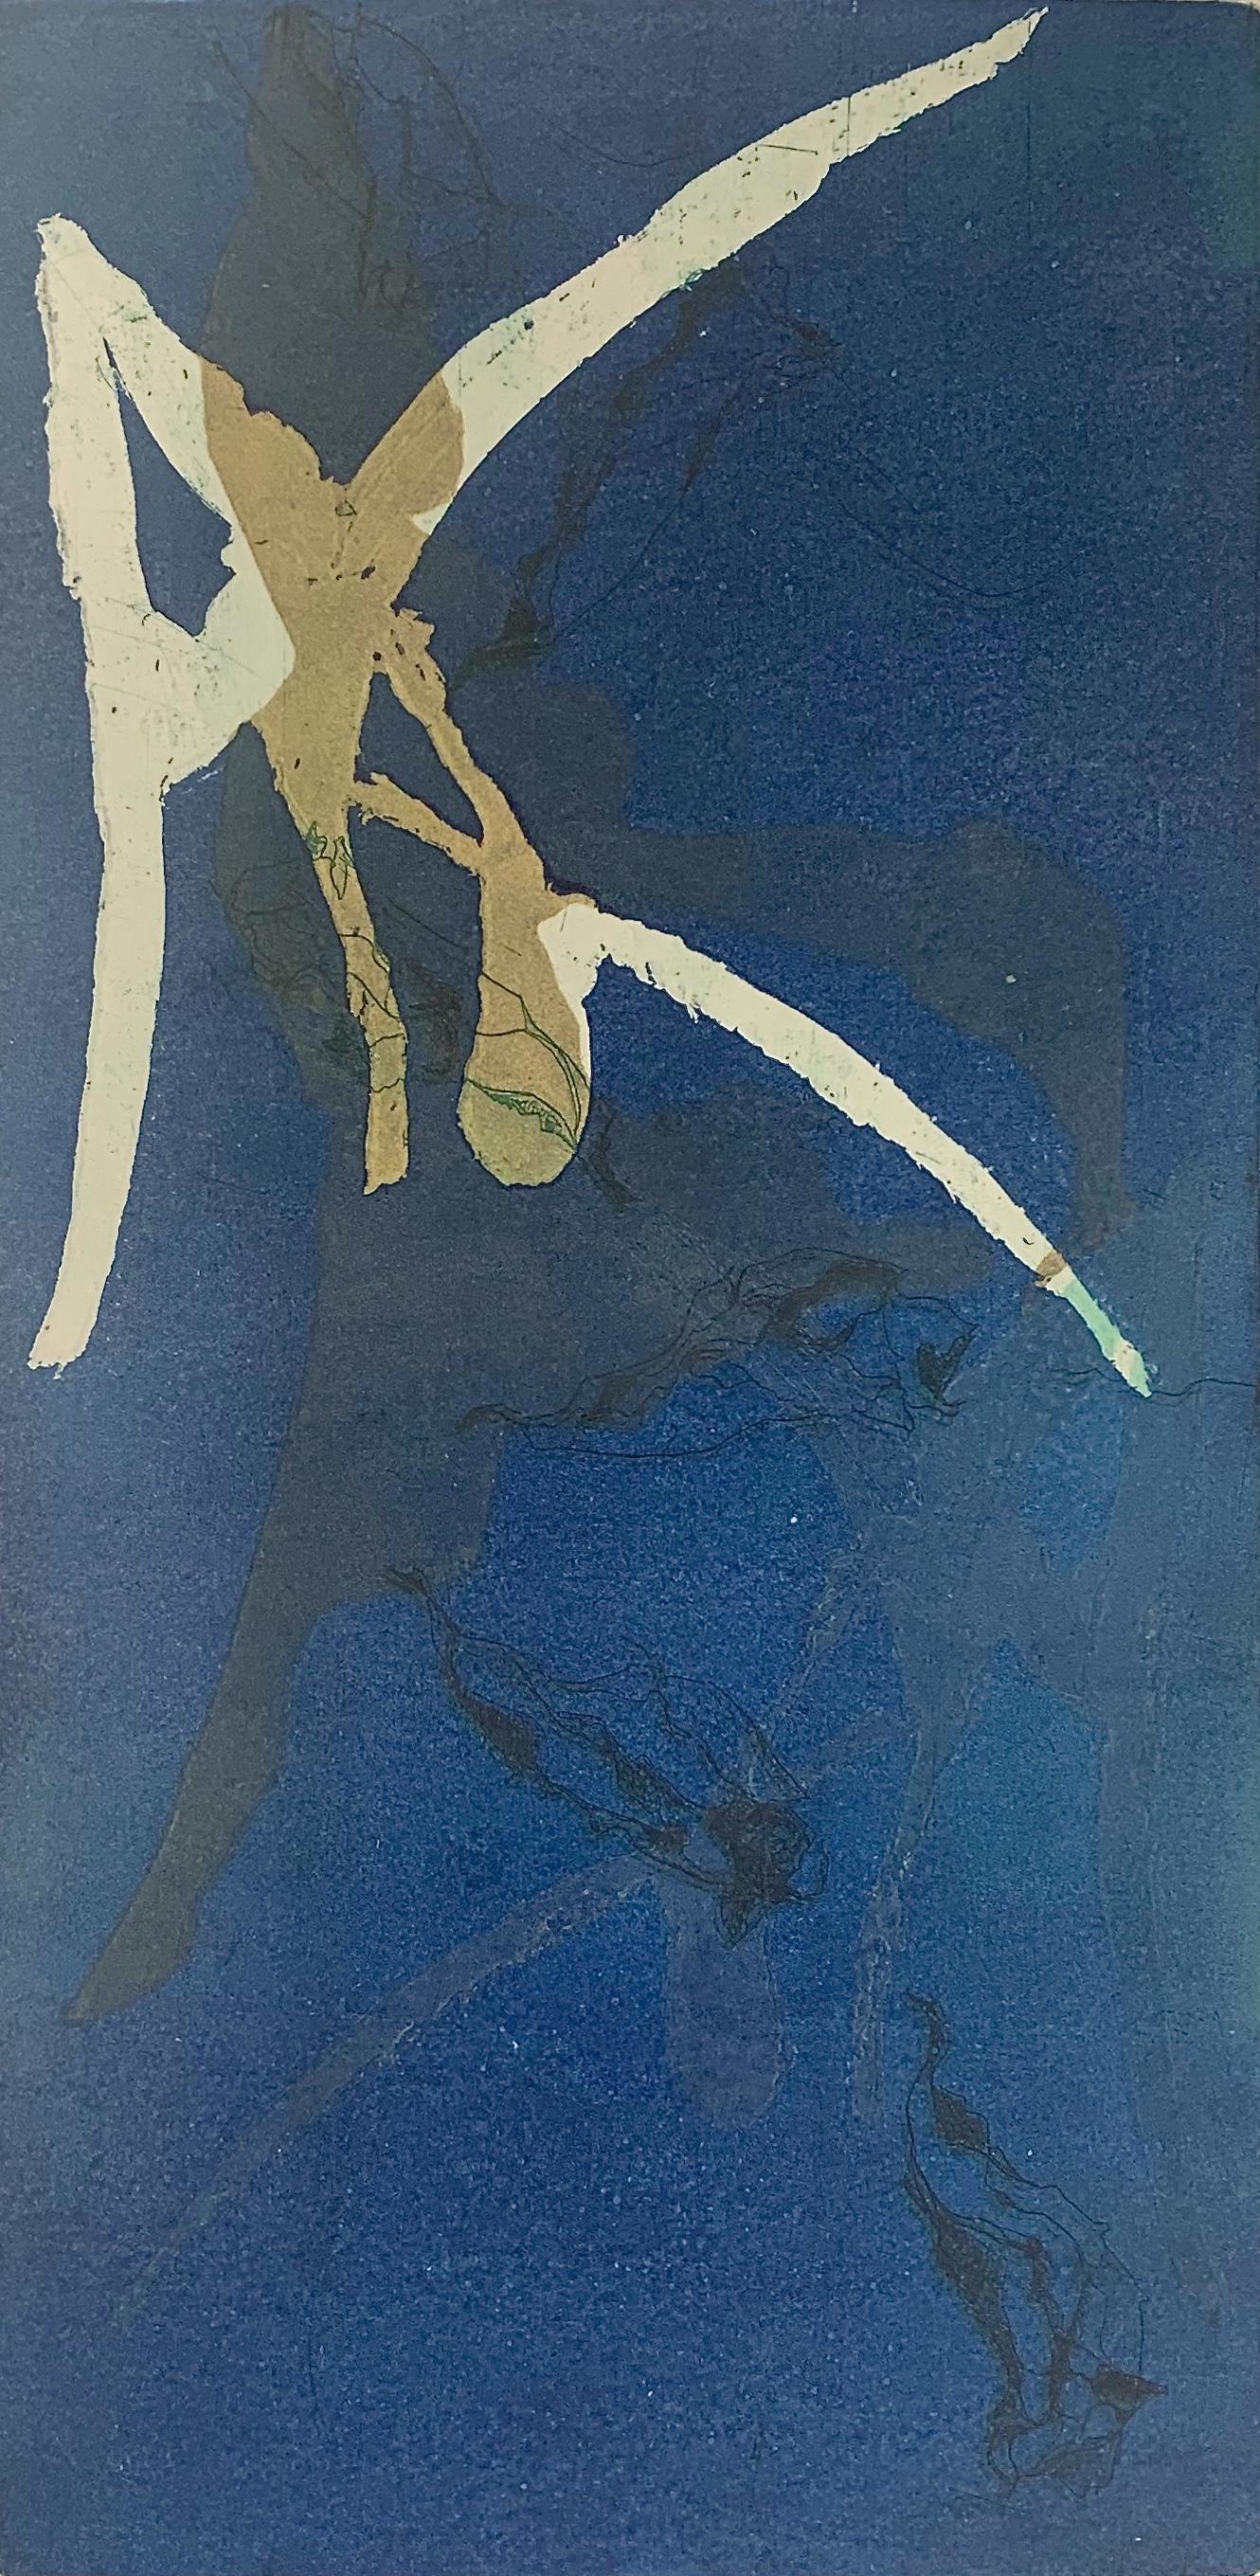 Arabesque en Bleu